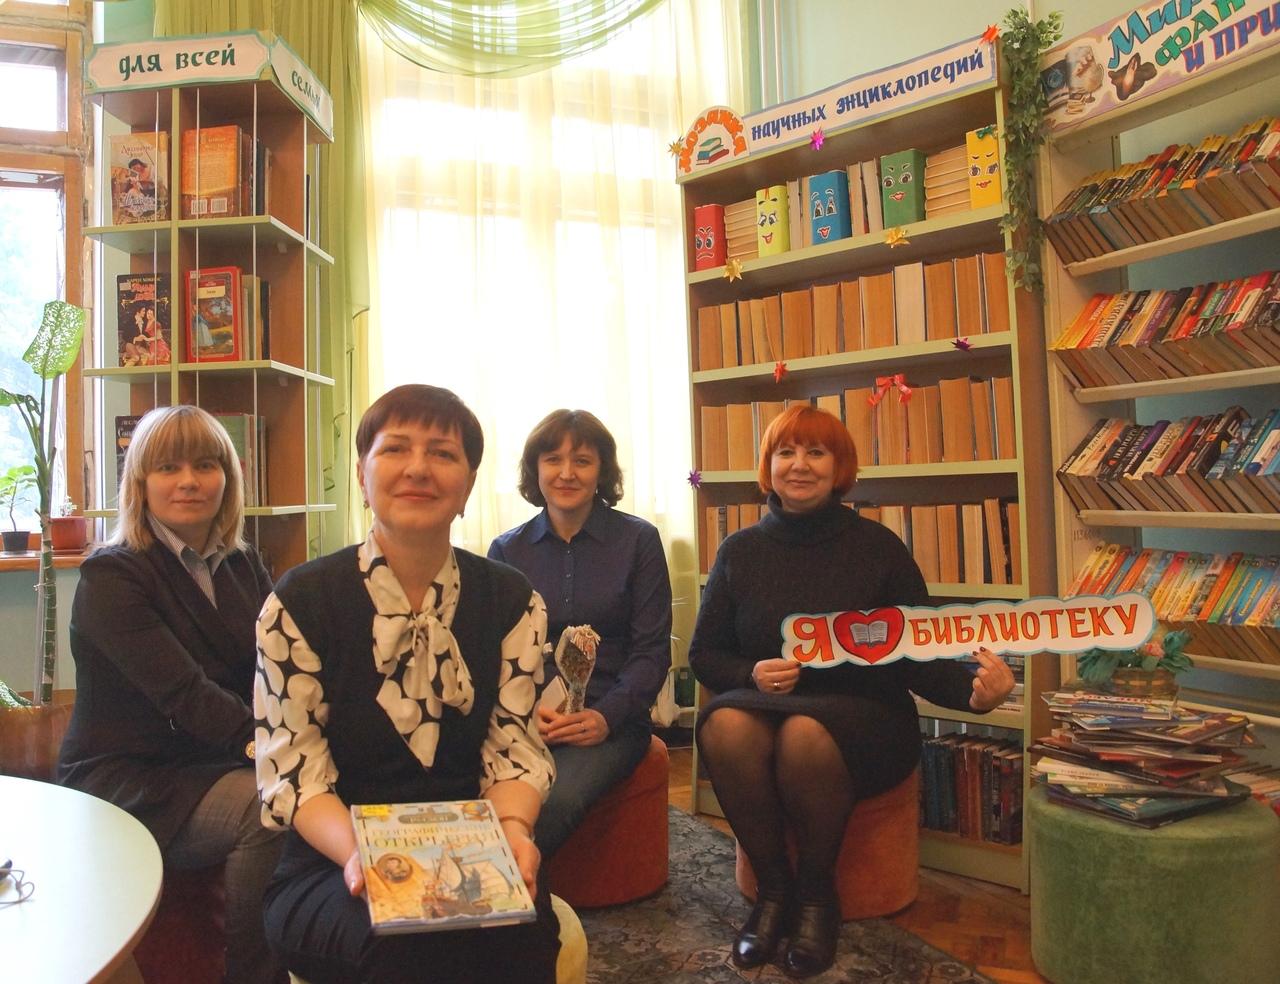 неделя детской и юношеской книги, книжкины именины, донецкая республиканская библиотека для детей, рязанская областная научная библиотека, рязанская областная детская библиотека